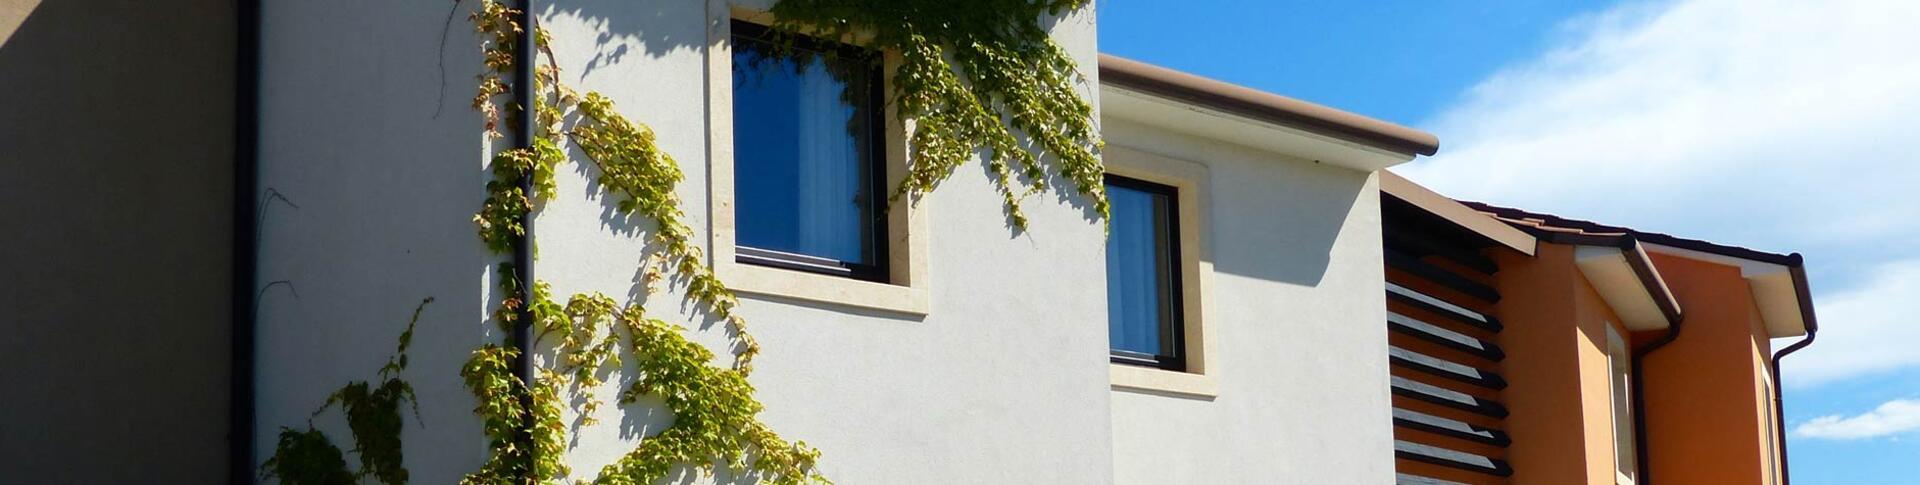 belvederevillage da reglement-belvedere-village 003